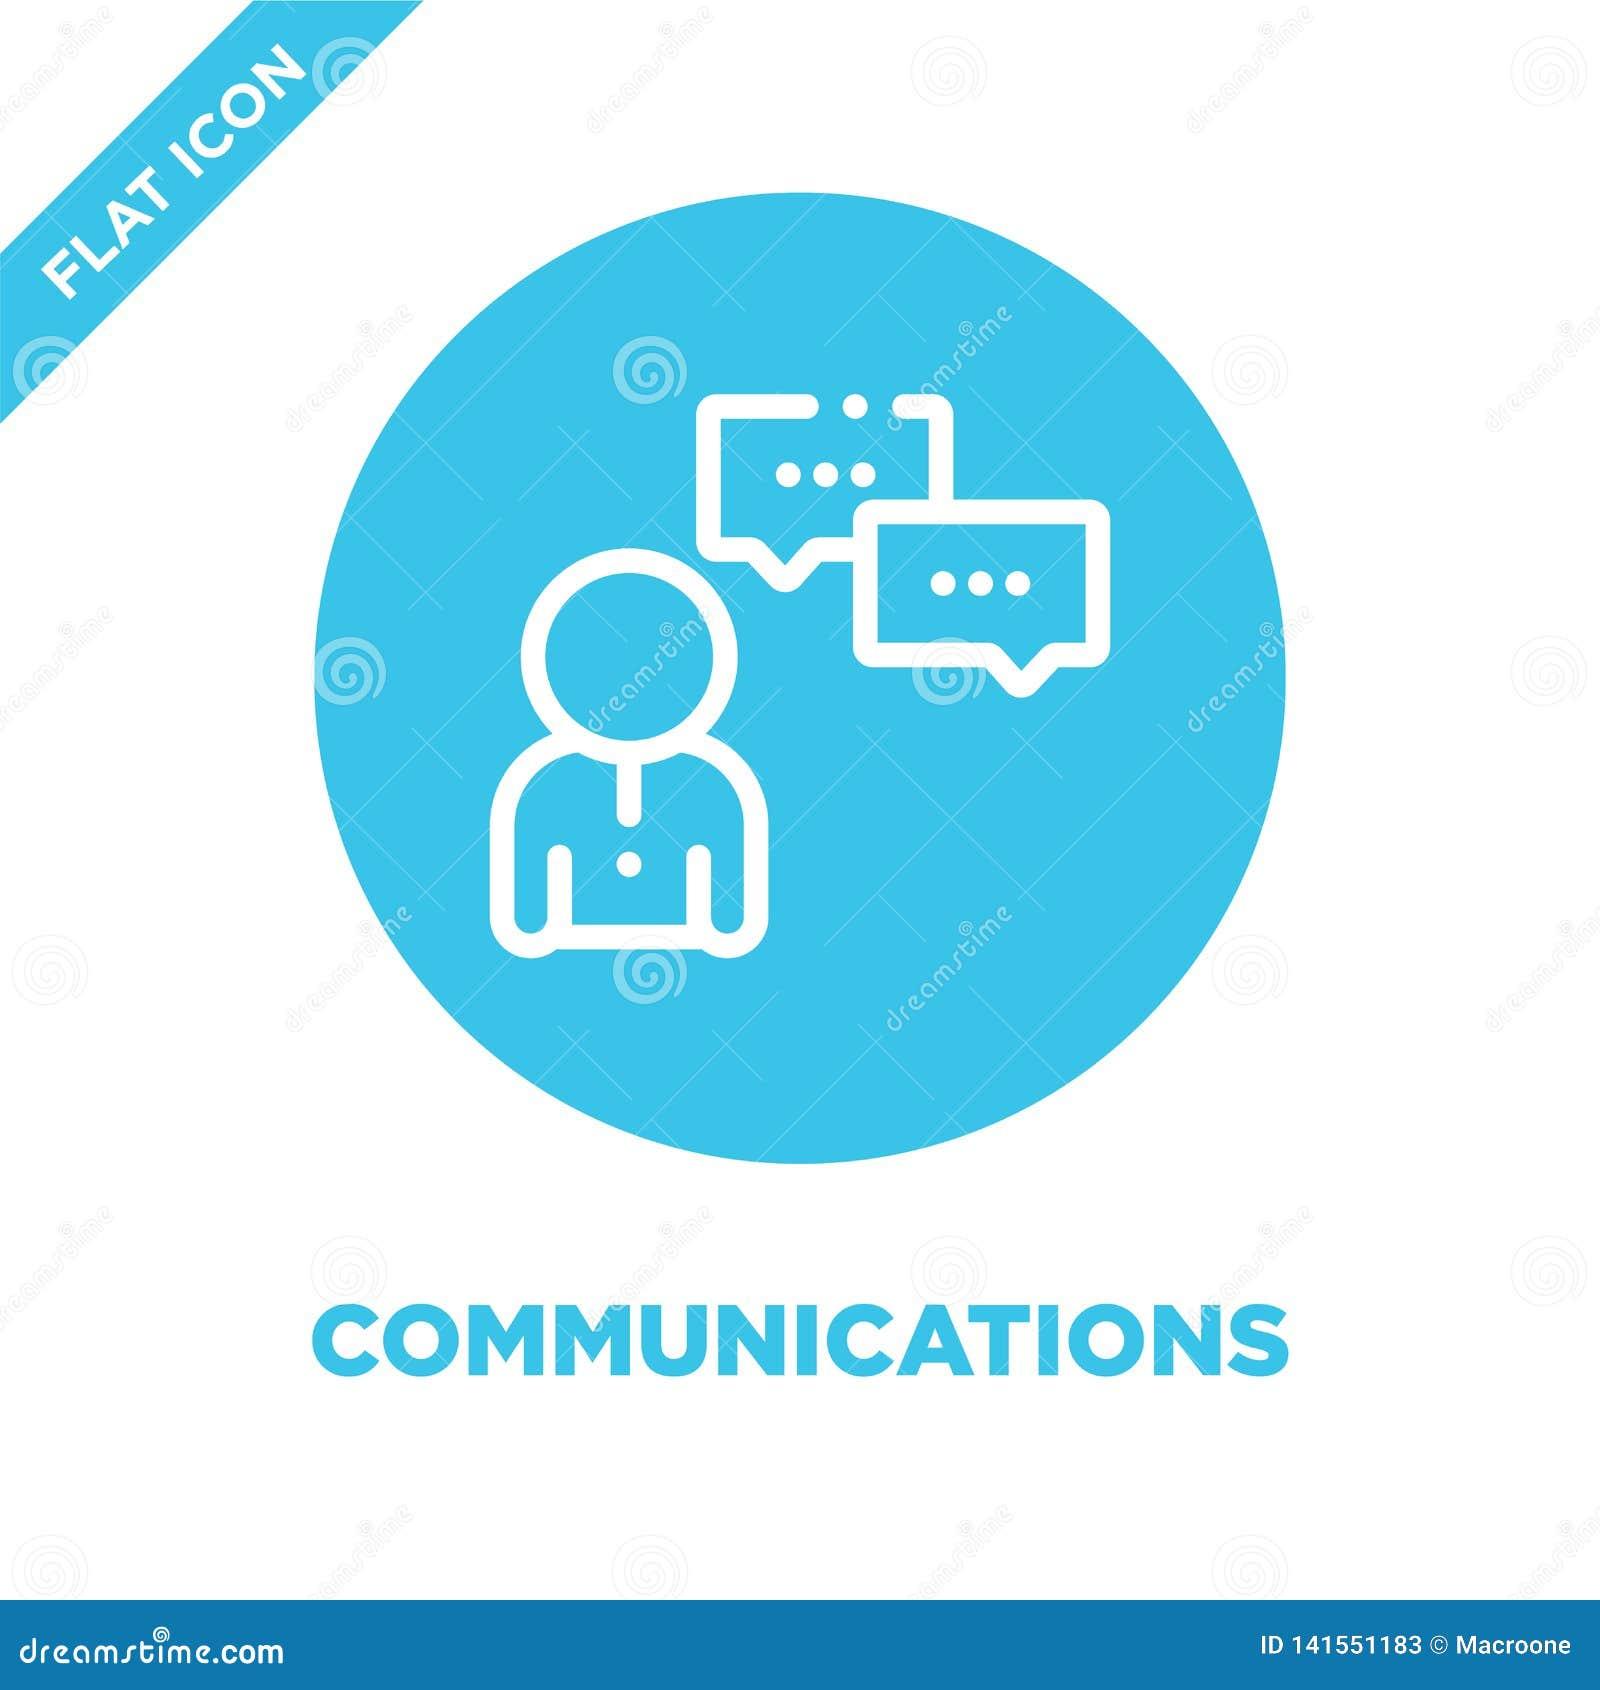 Vetor do ícone das comunicações Linha fina ilustração do vetor do ícone do esboço das comunicações símbolo das comunicações para